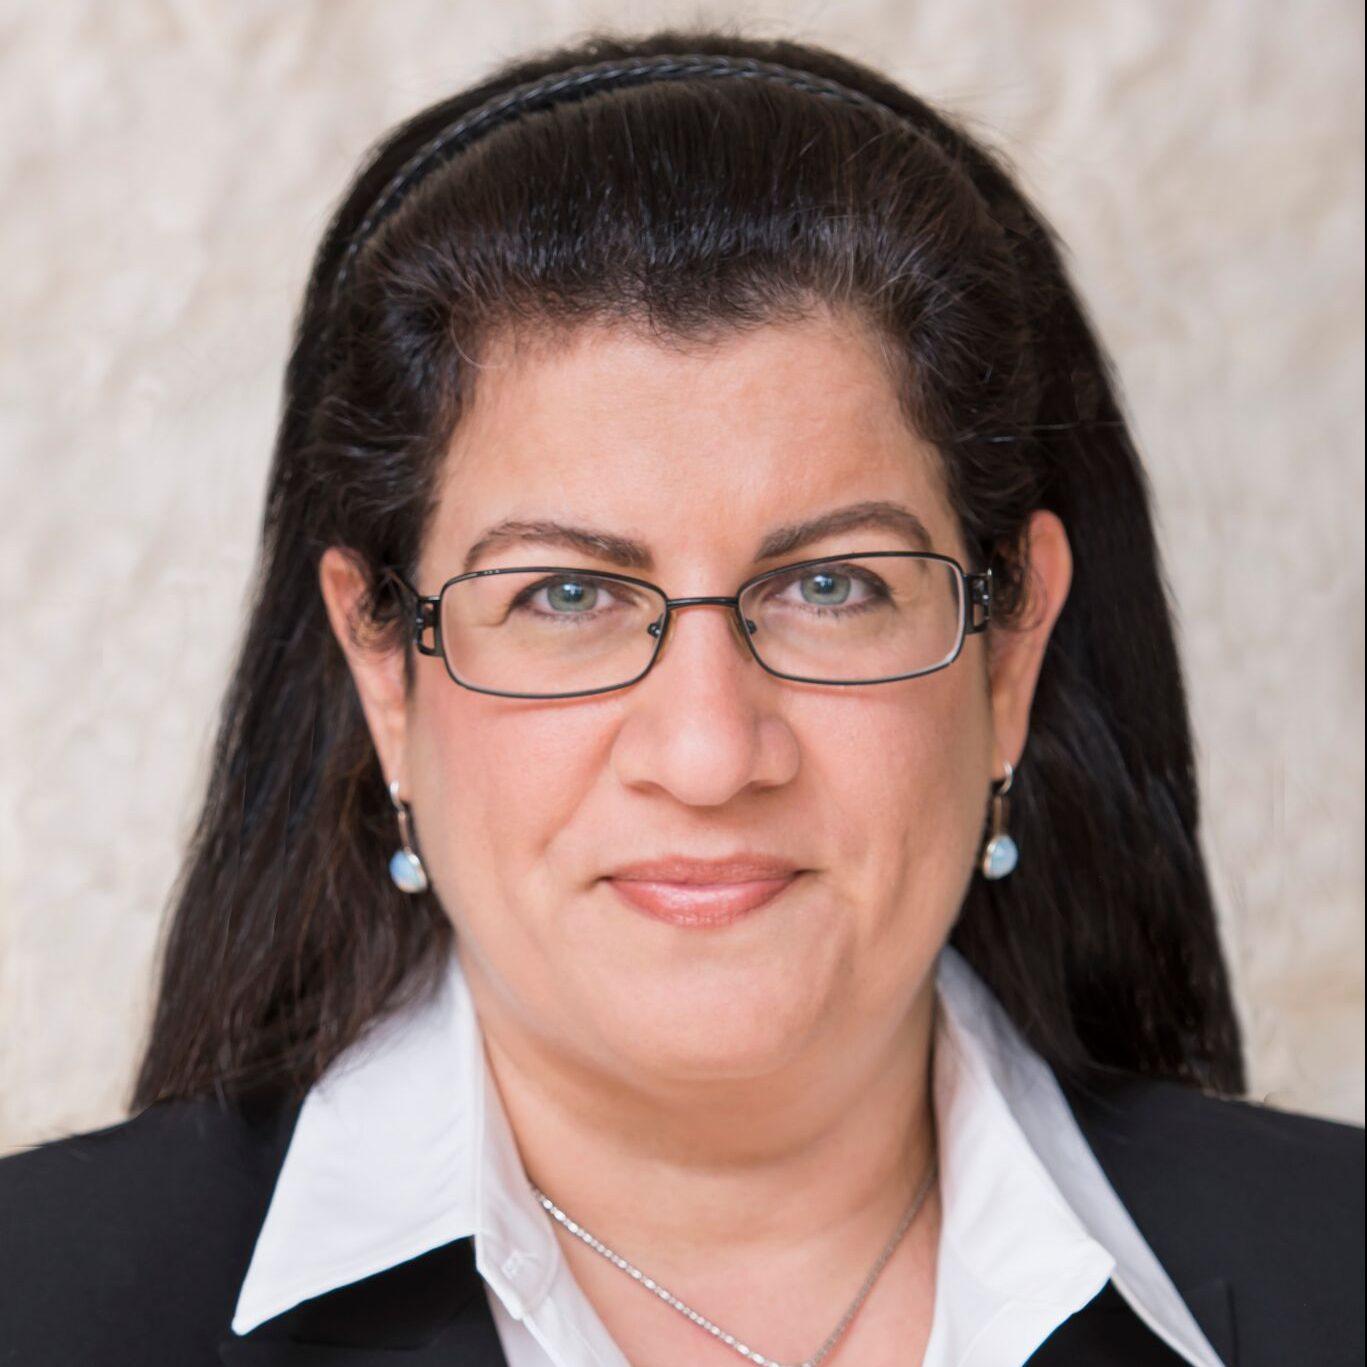 Mazal Yehezkely